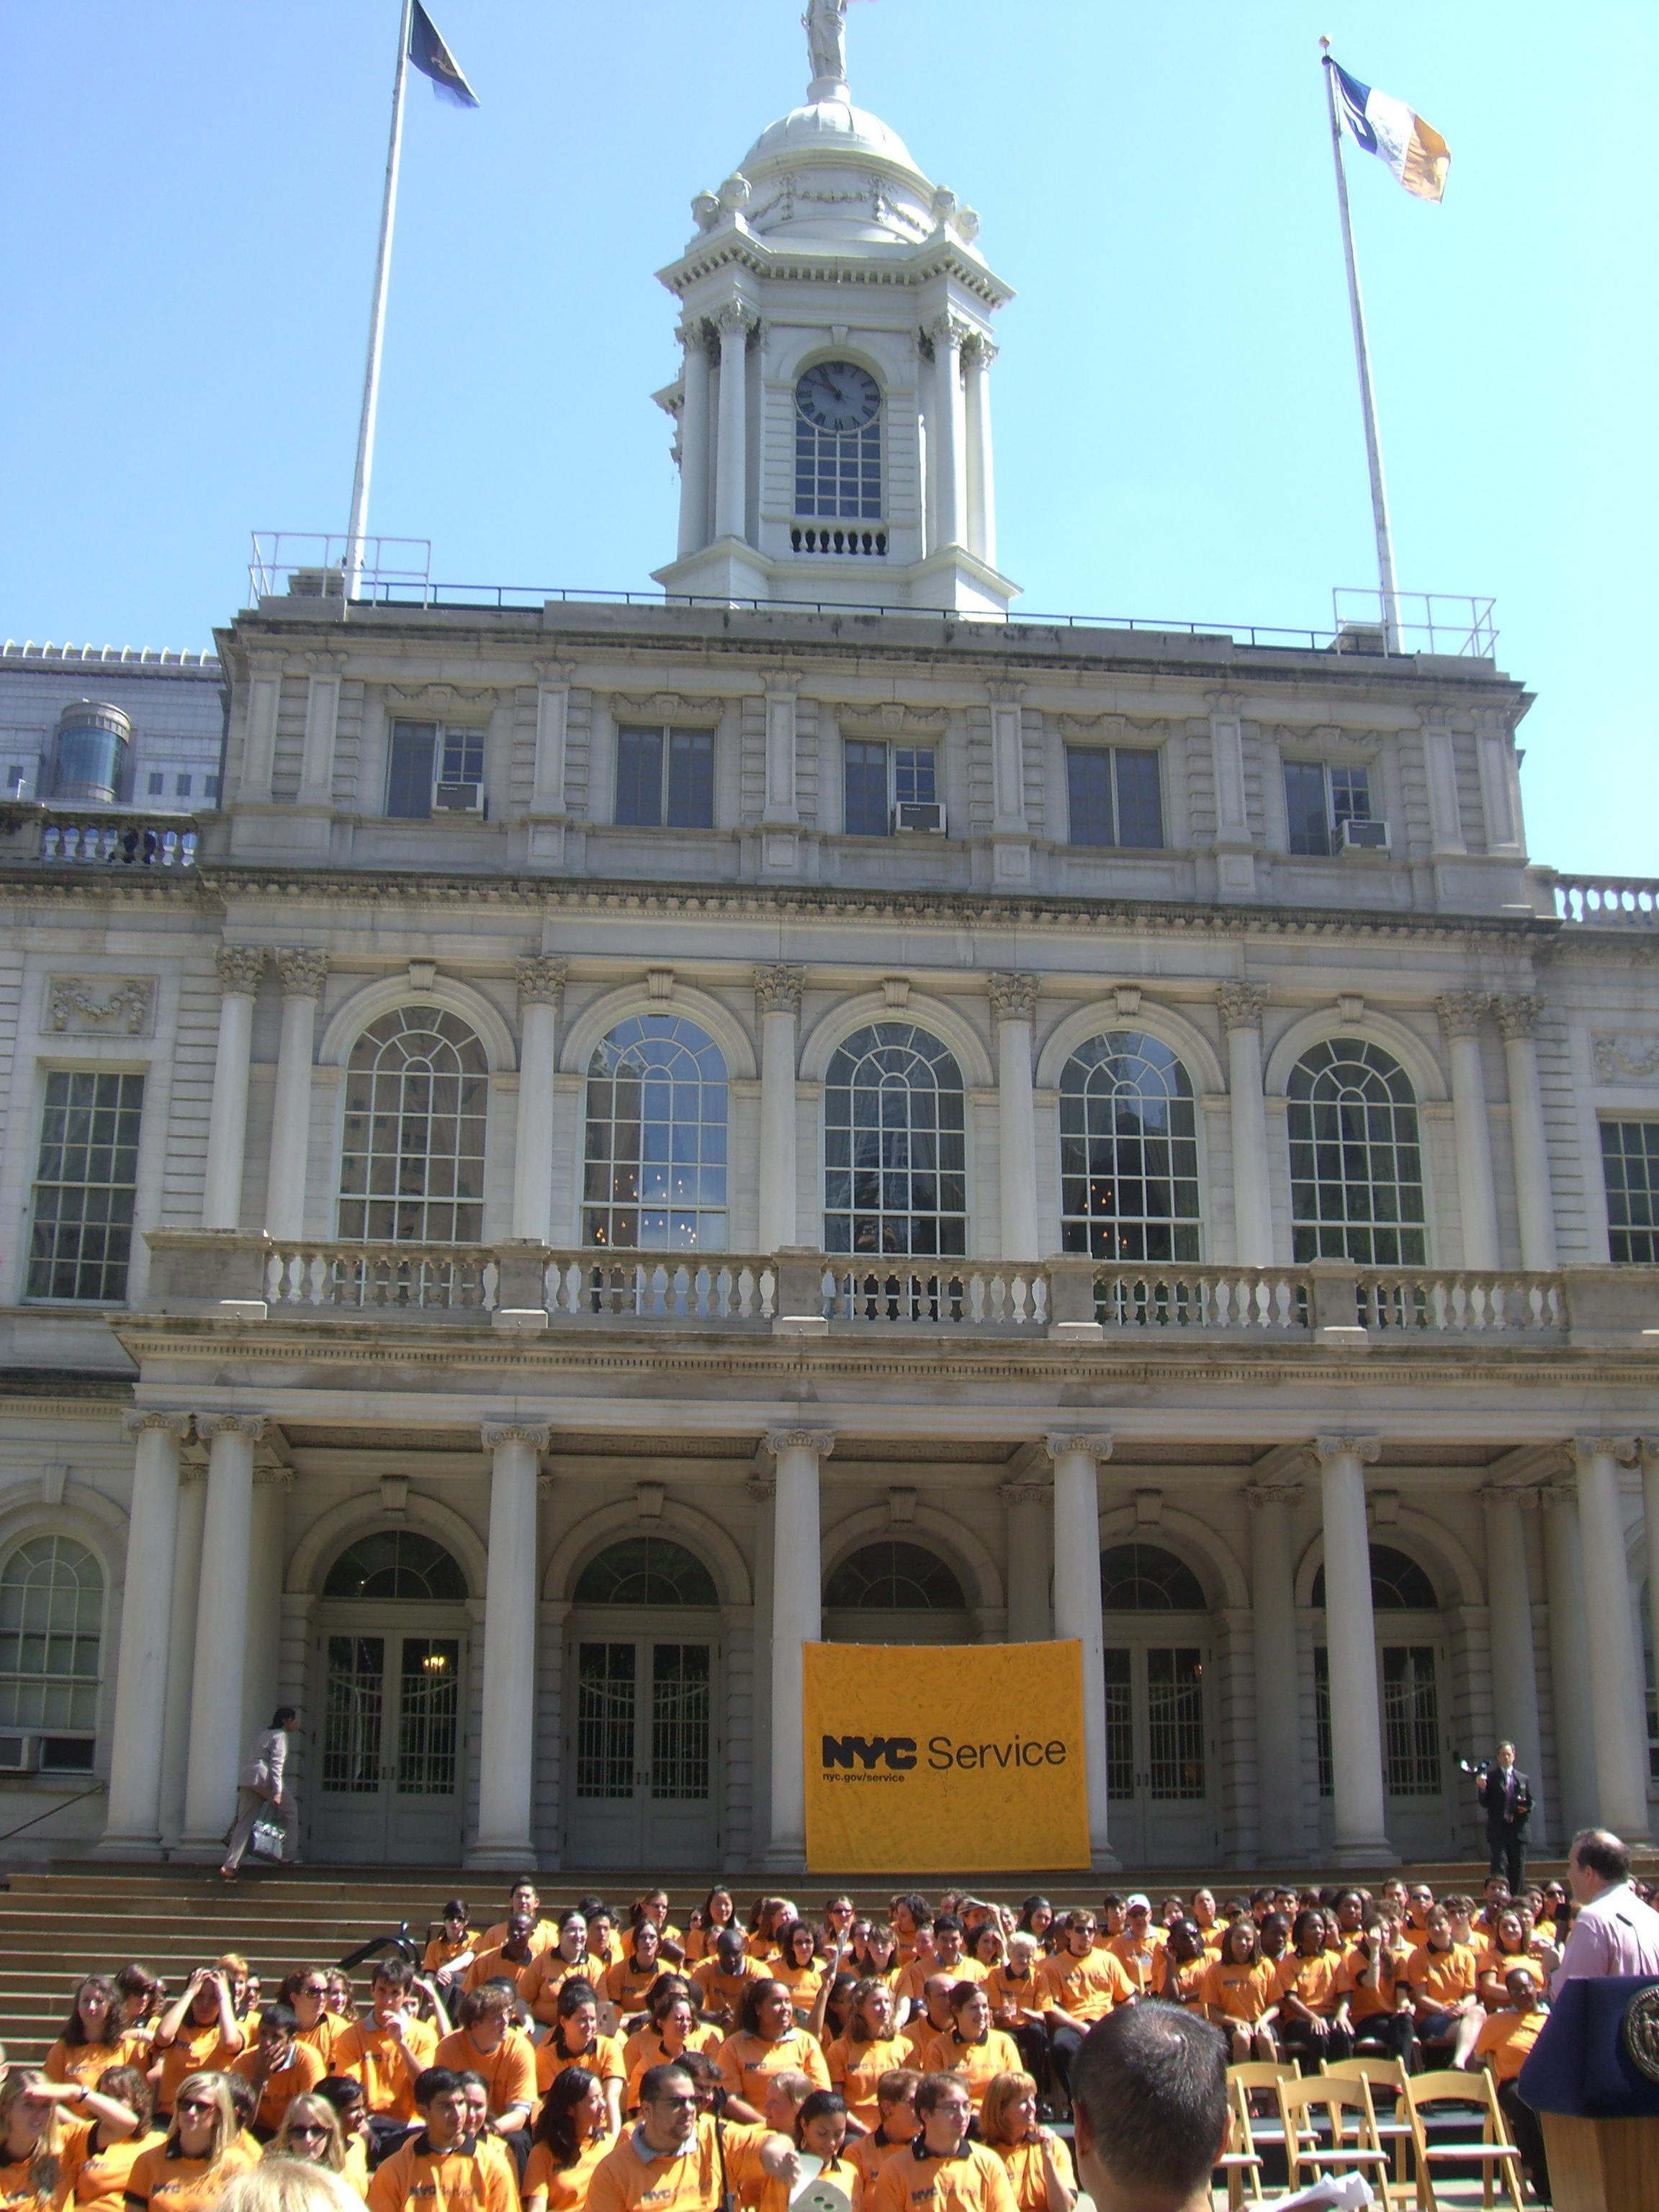 VISTAs at swearing in at NYC City Hall